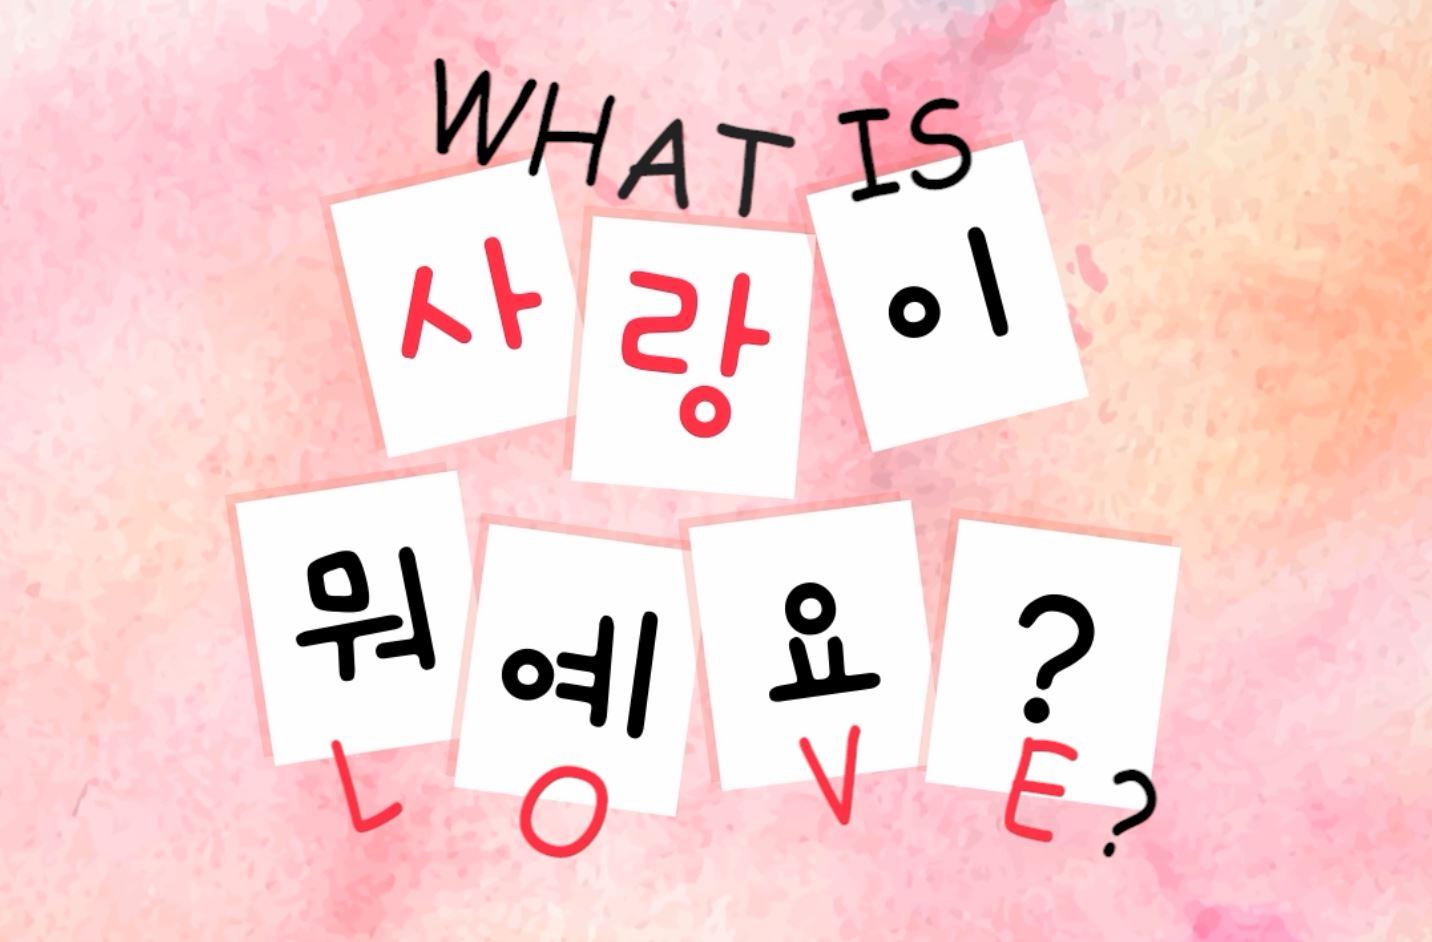 아동 · 청소년 힐링 예술 영화제 영상작품   '사랑이 뭐예요?'